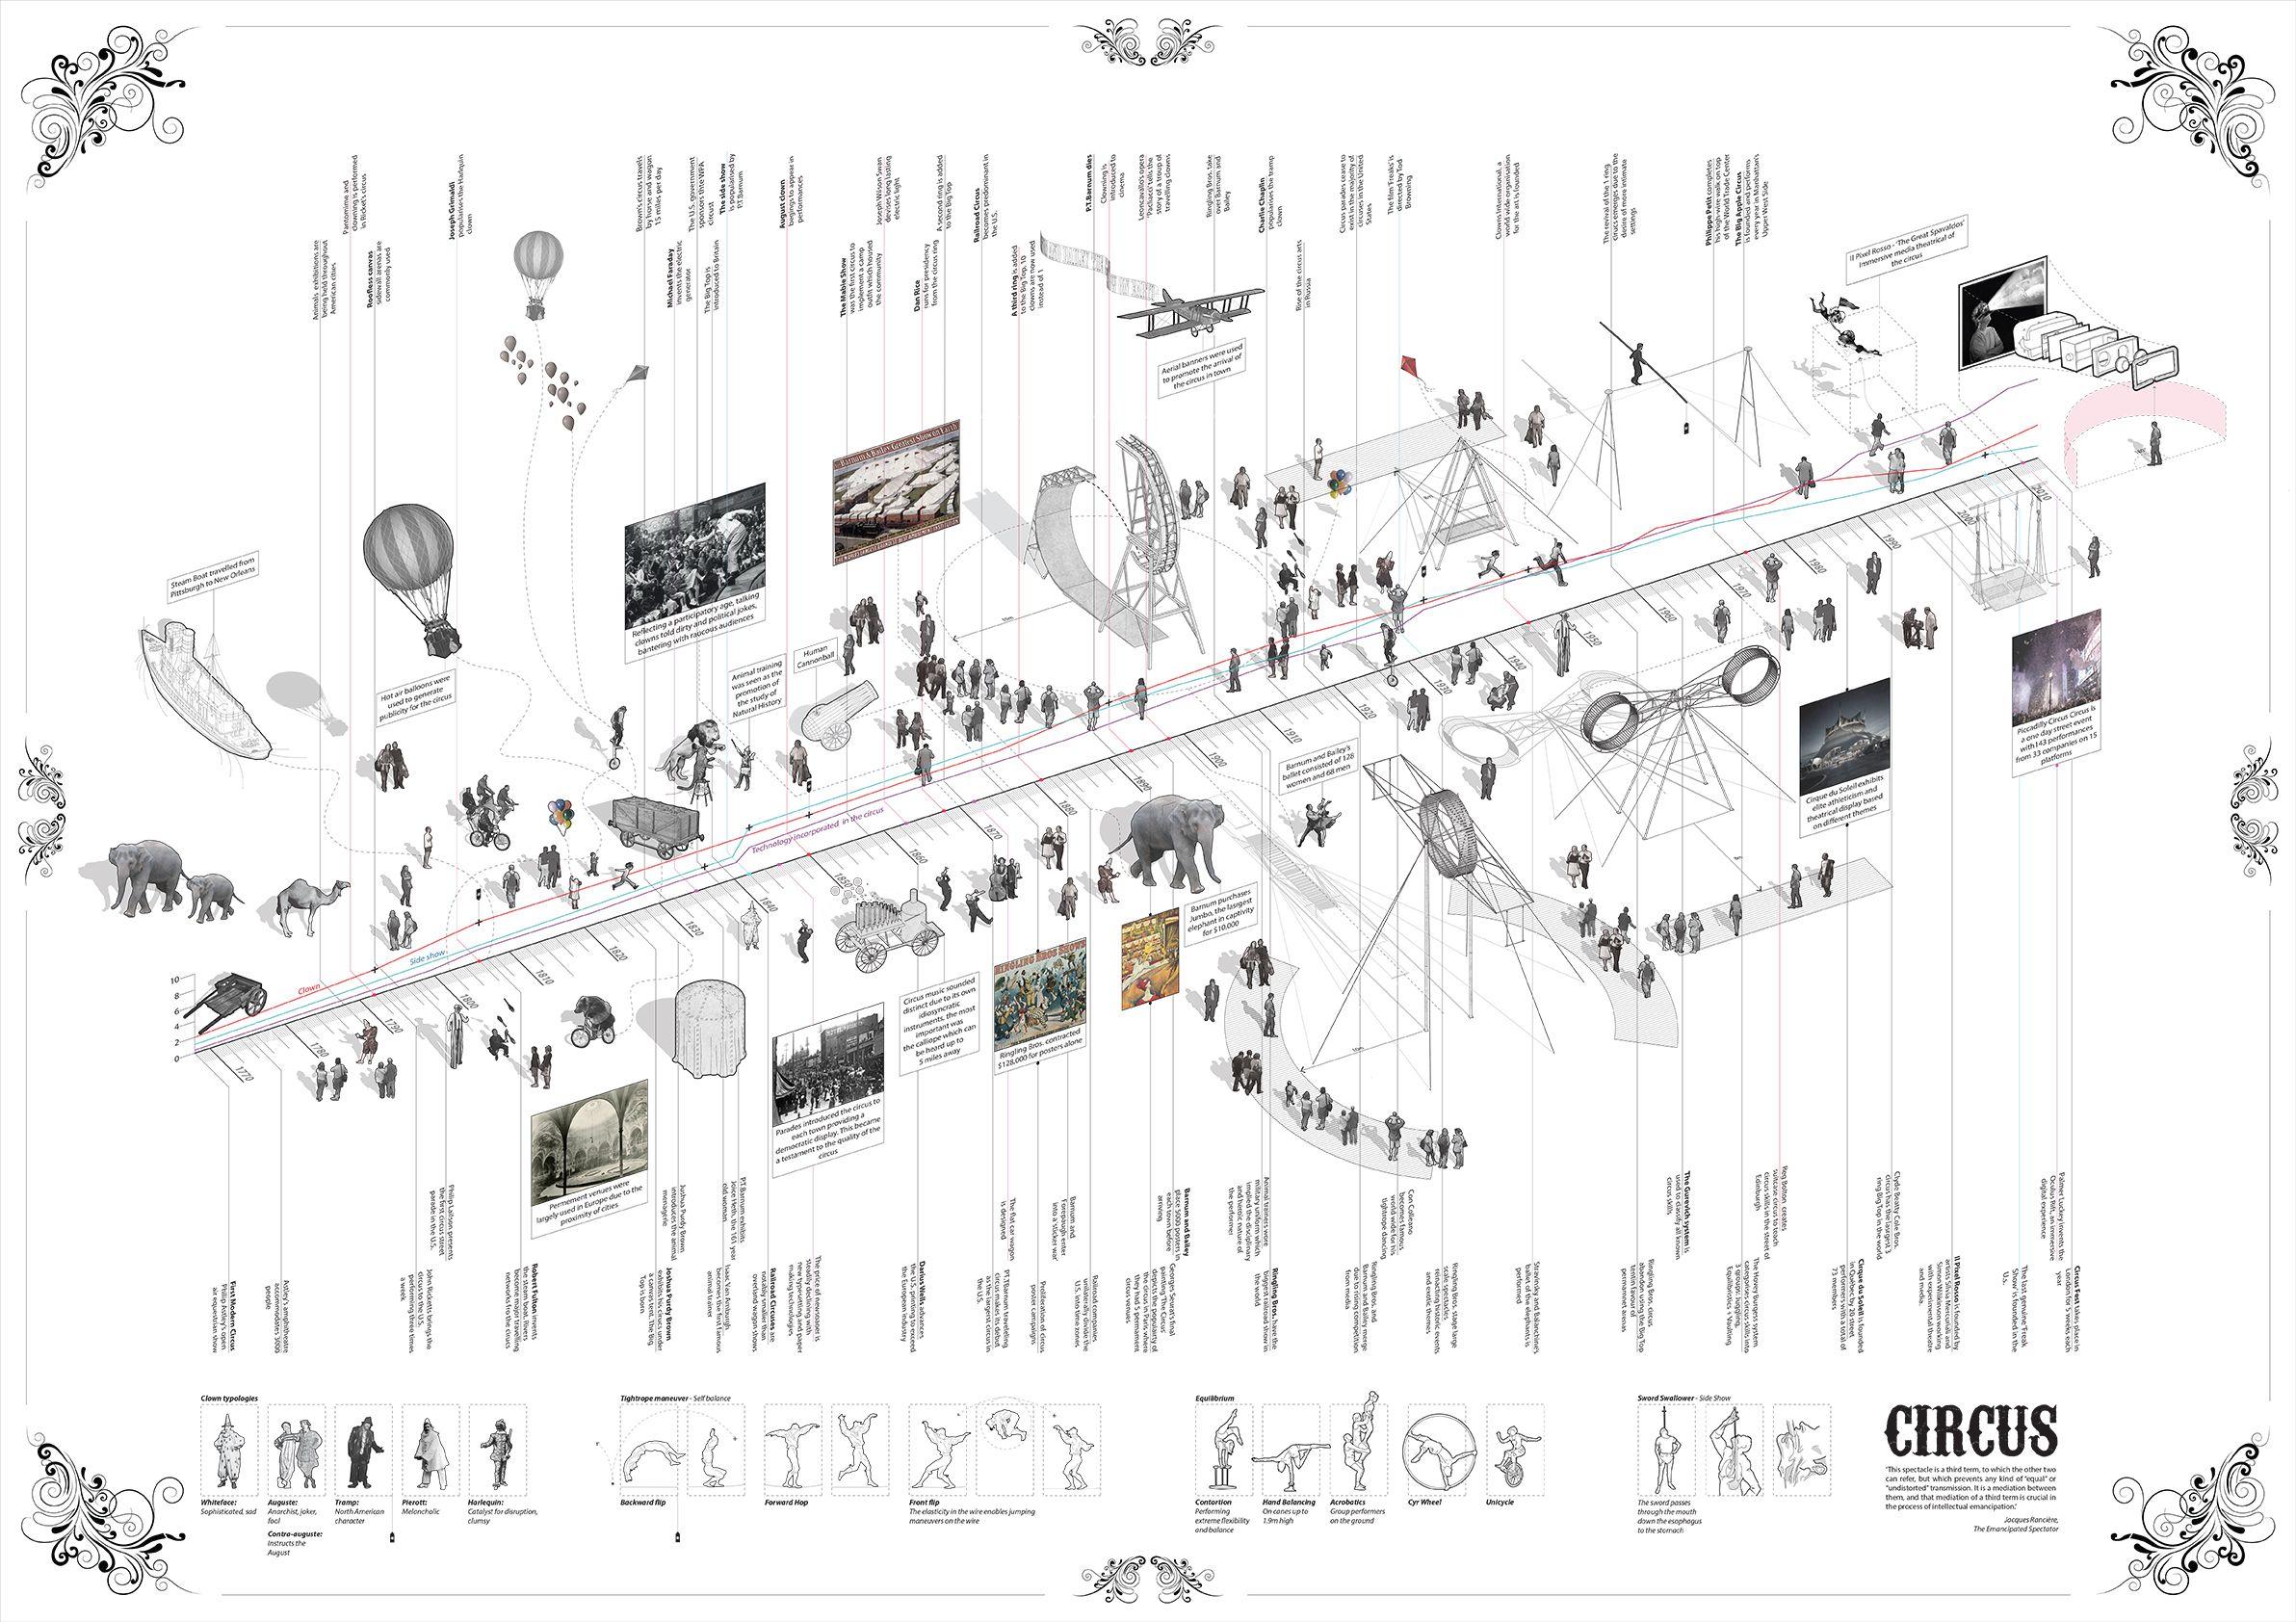 Samuelses Event Timeline